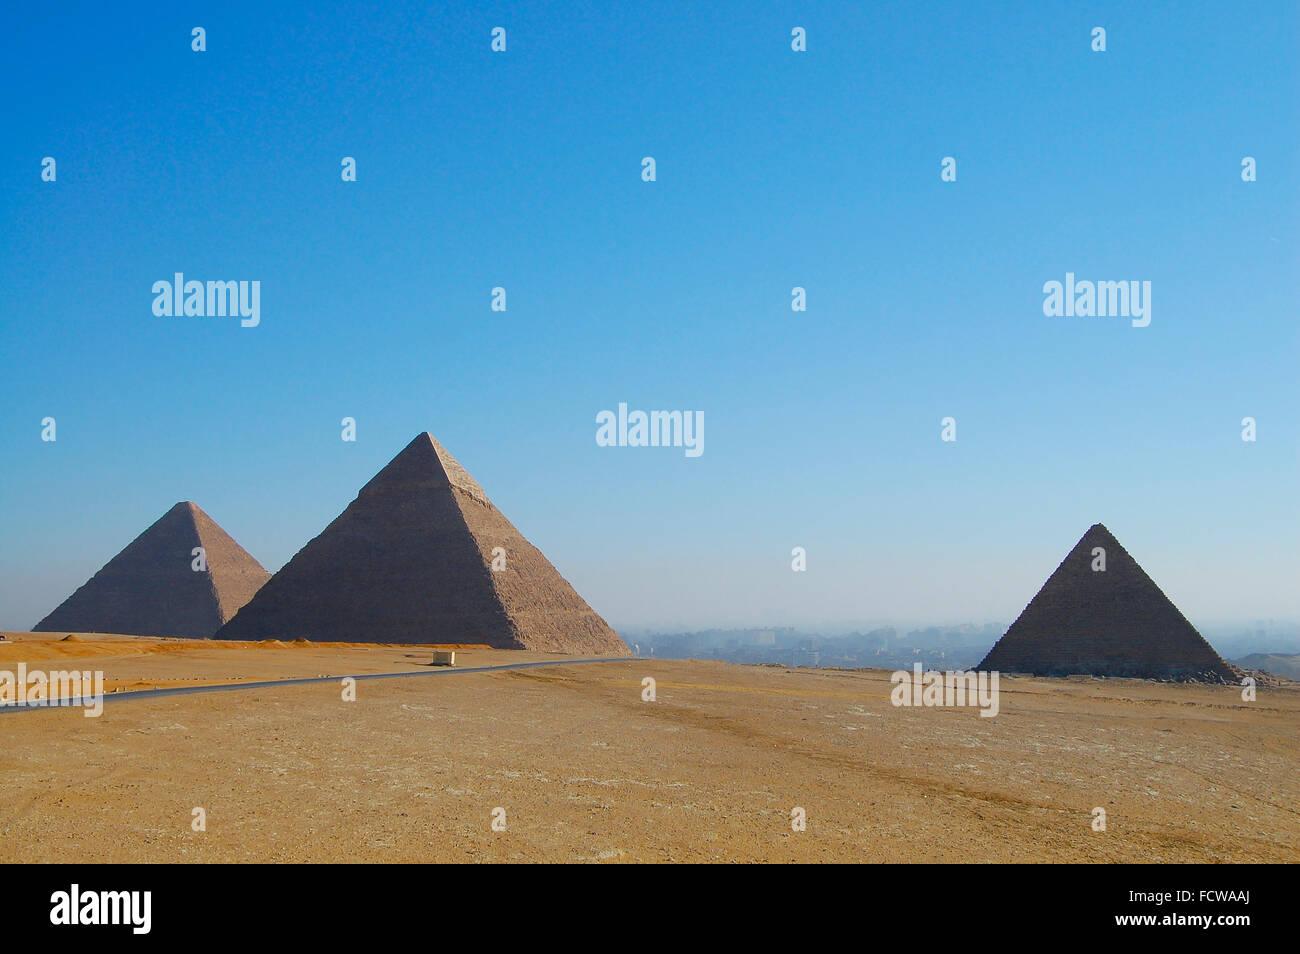 Piramidi di Giza - Il Cairo - Egitto Immagini Stock